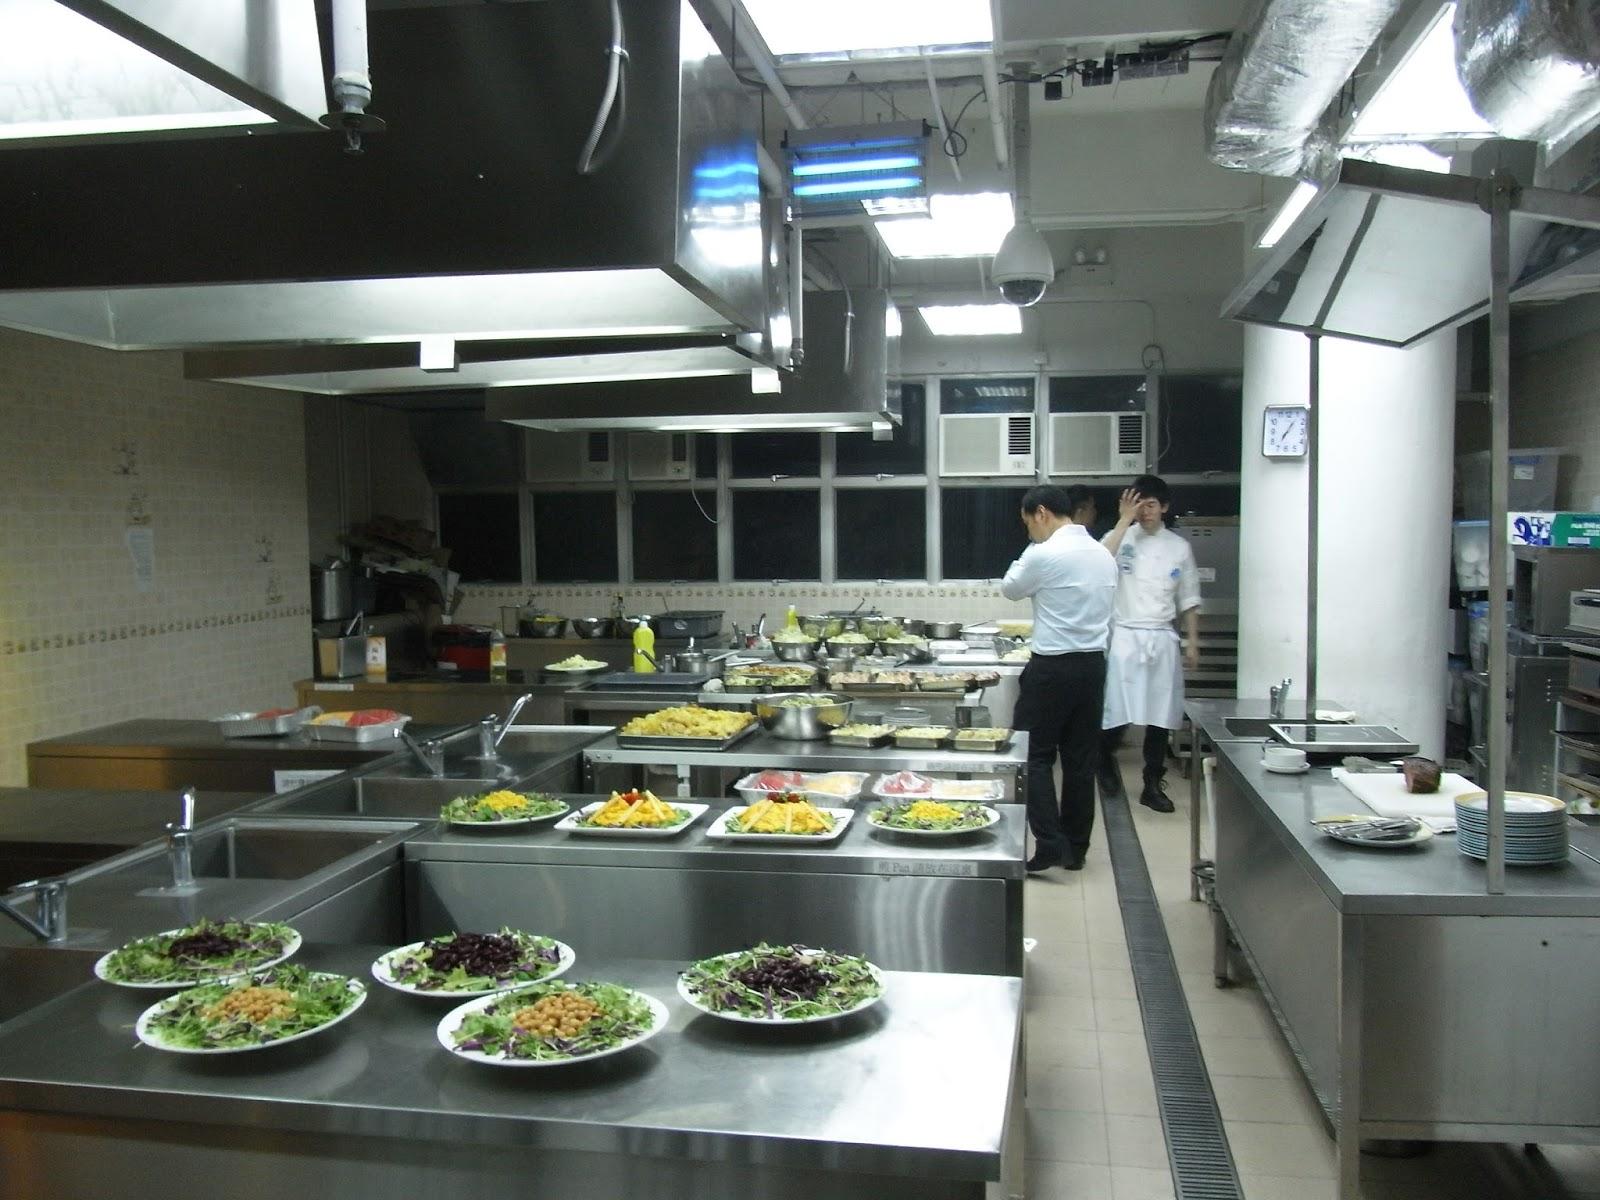 Blog Culinario RD Factores de riesgo de intoxicaciones en